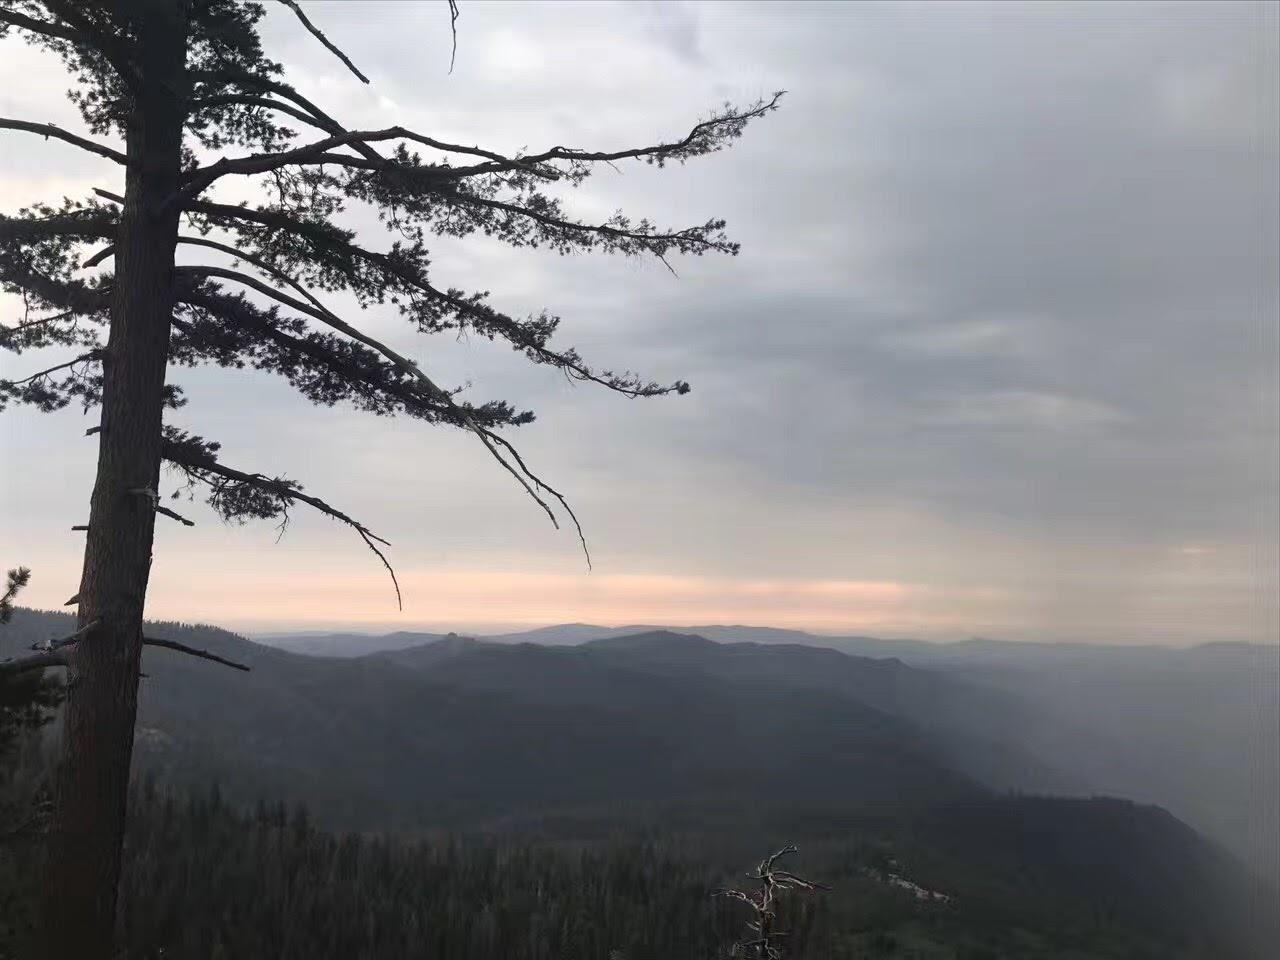 加州优胜美地公家公园 - 冰川点_图1-4